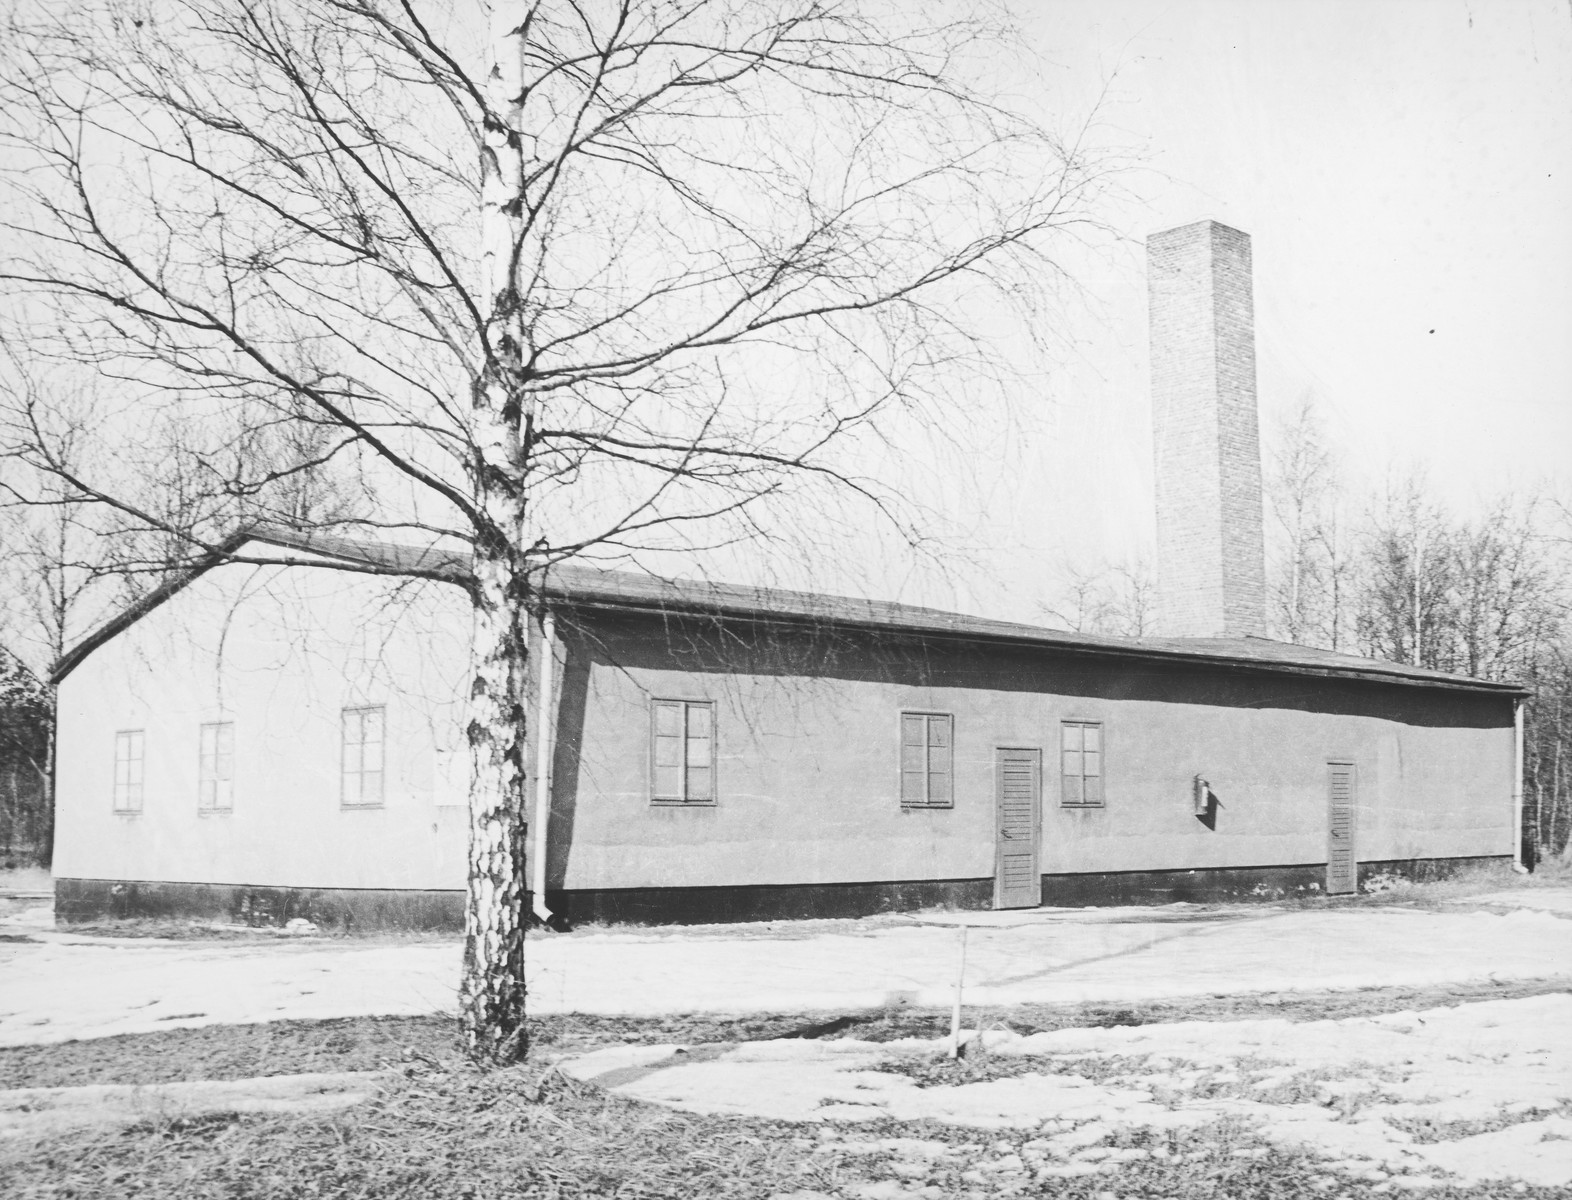 A contemporary photo of the crematorium at Stutthof.